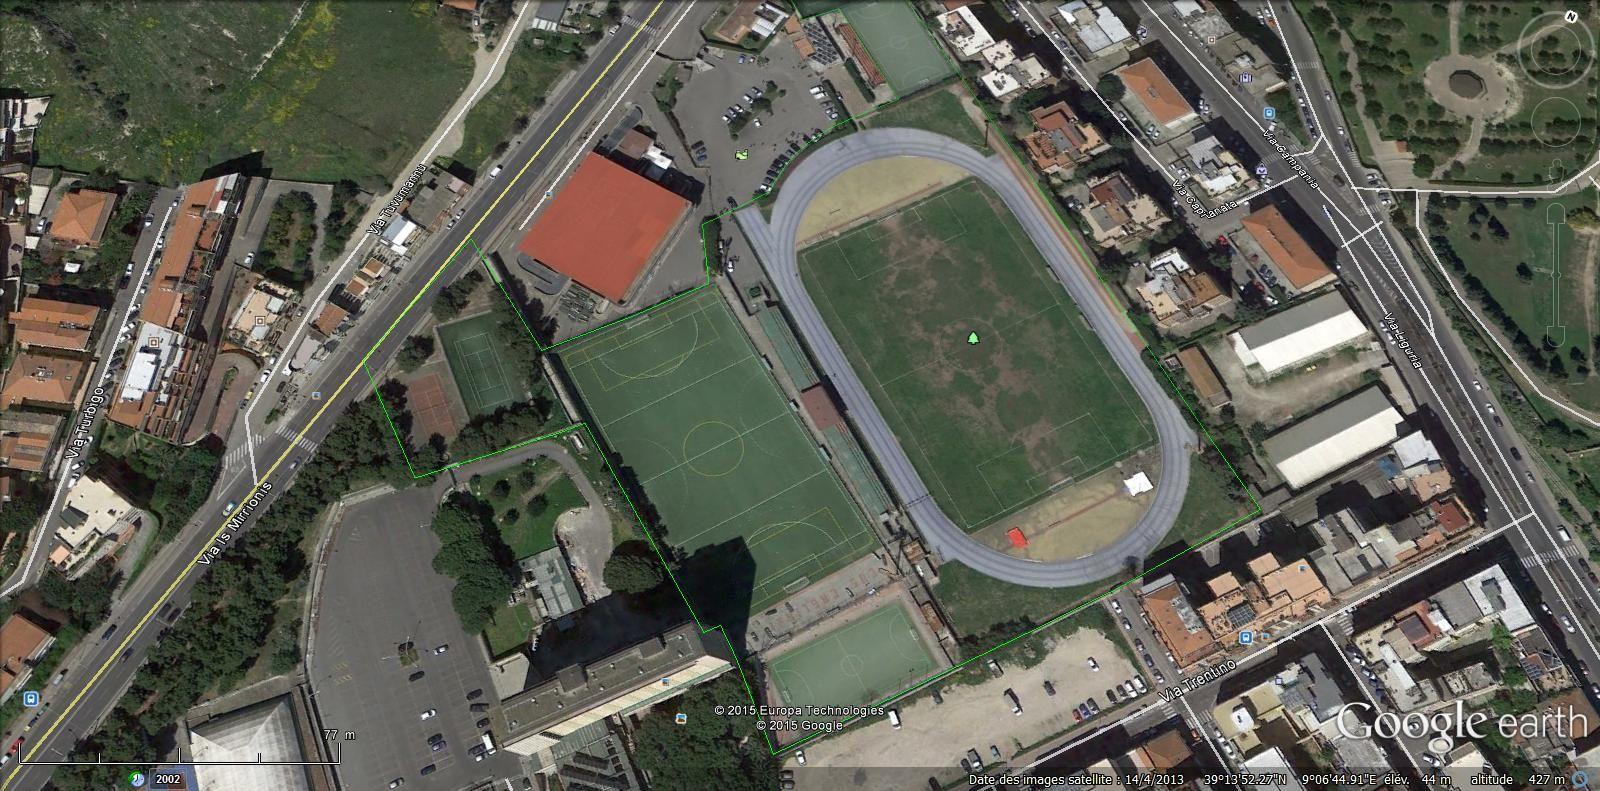 centre sportif universitaire